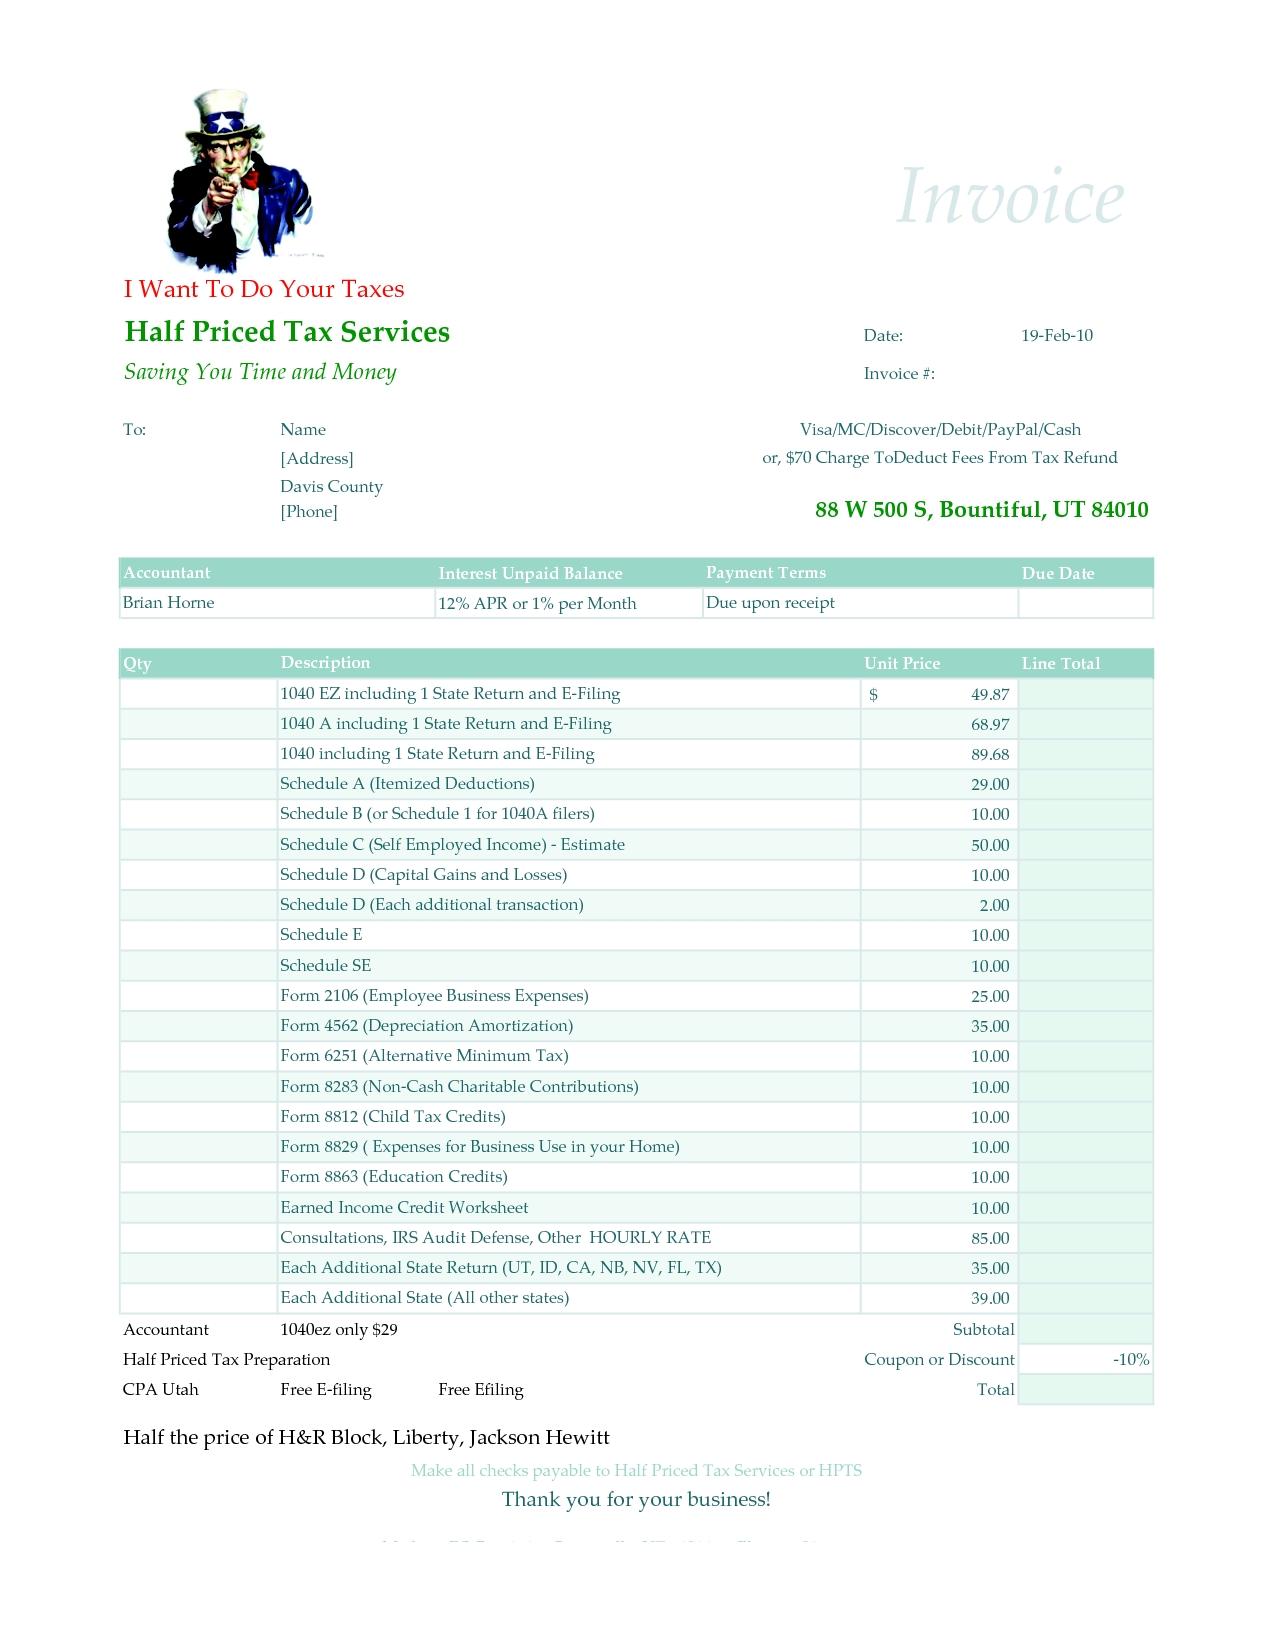 prepare an invoice tax accountant description tax accountant salary tax preparation 1275 X 1650